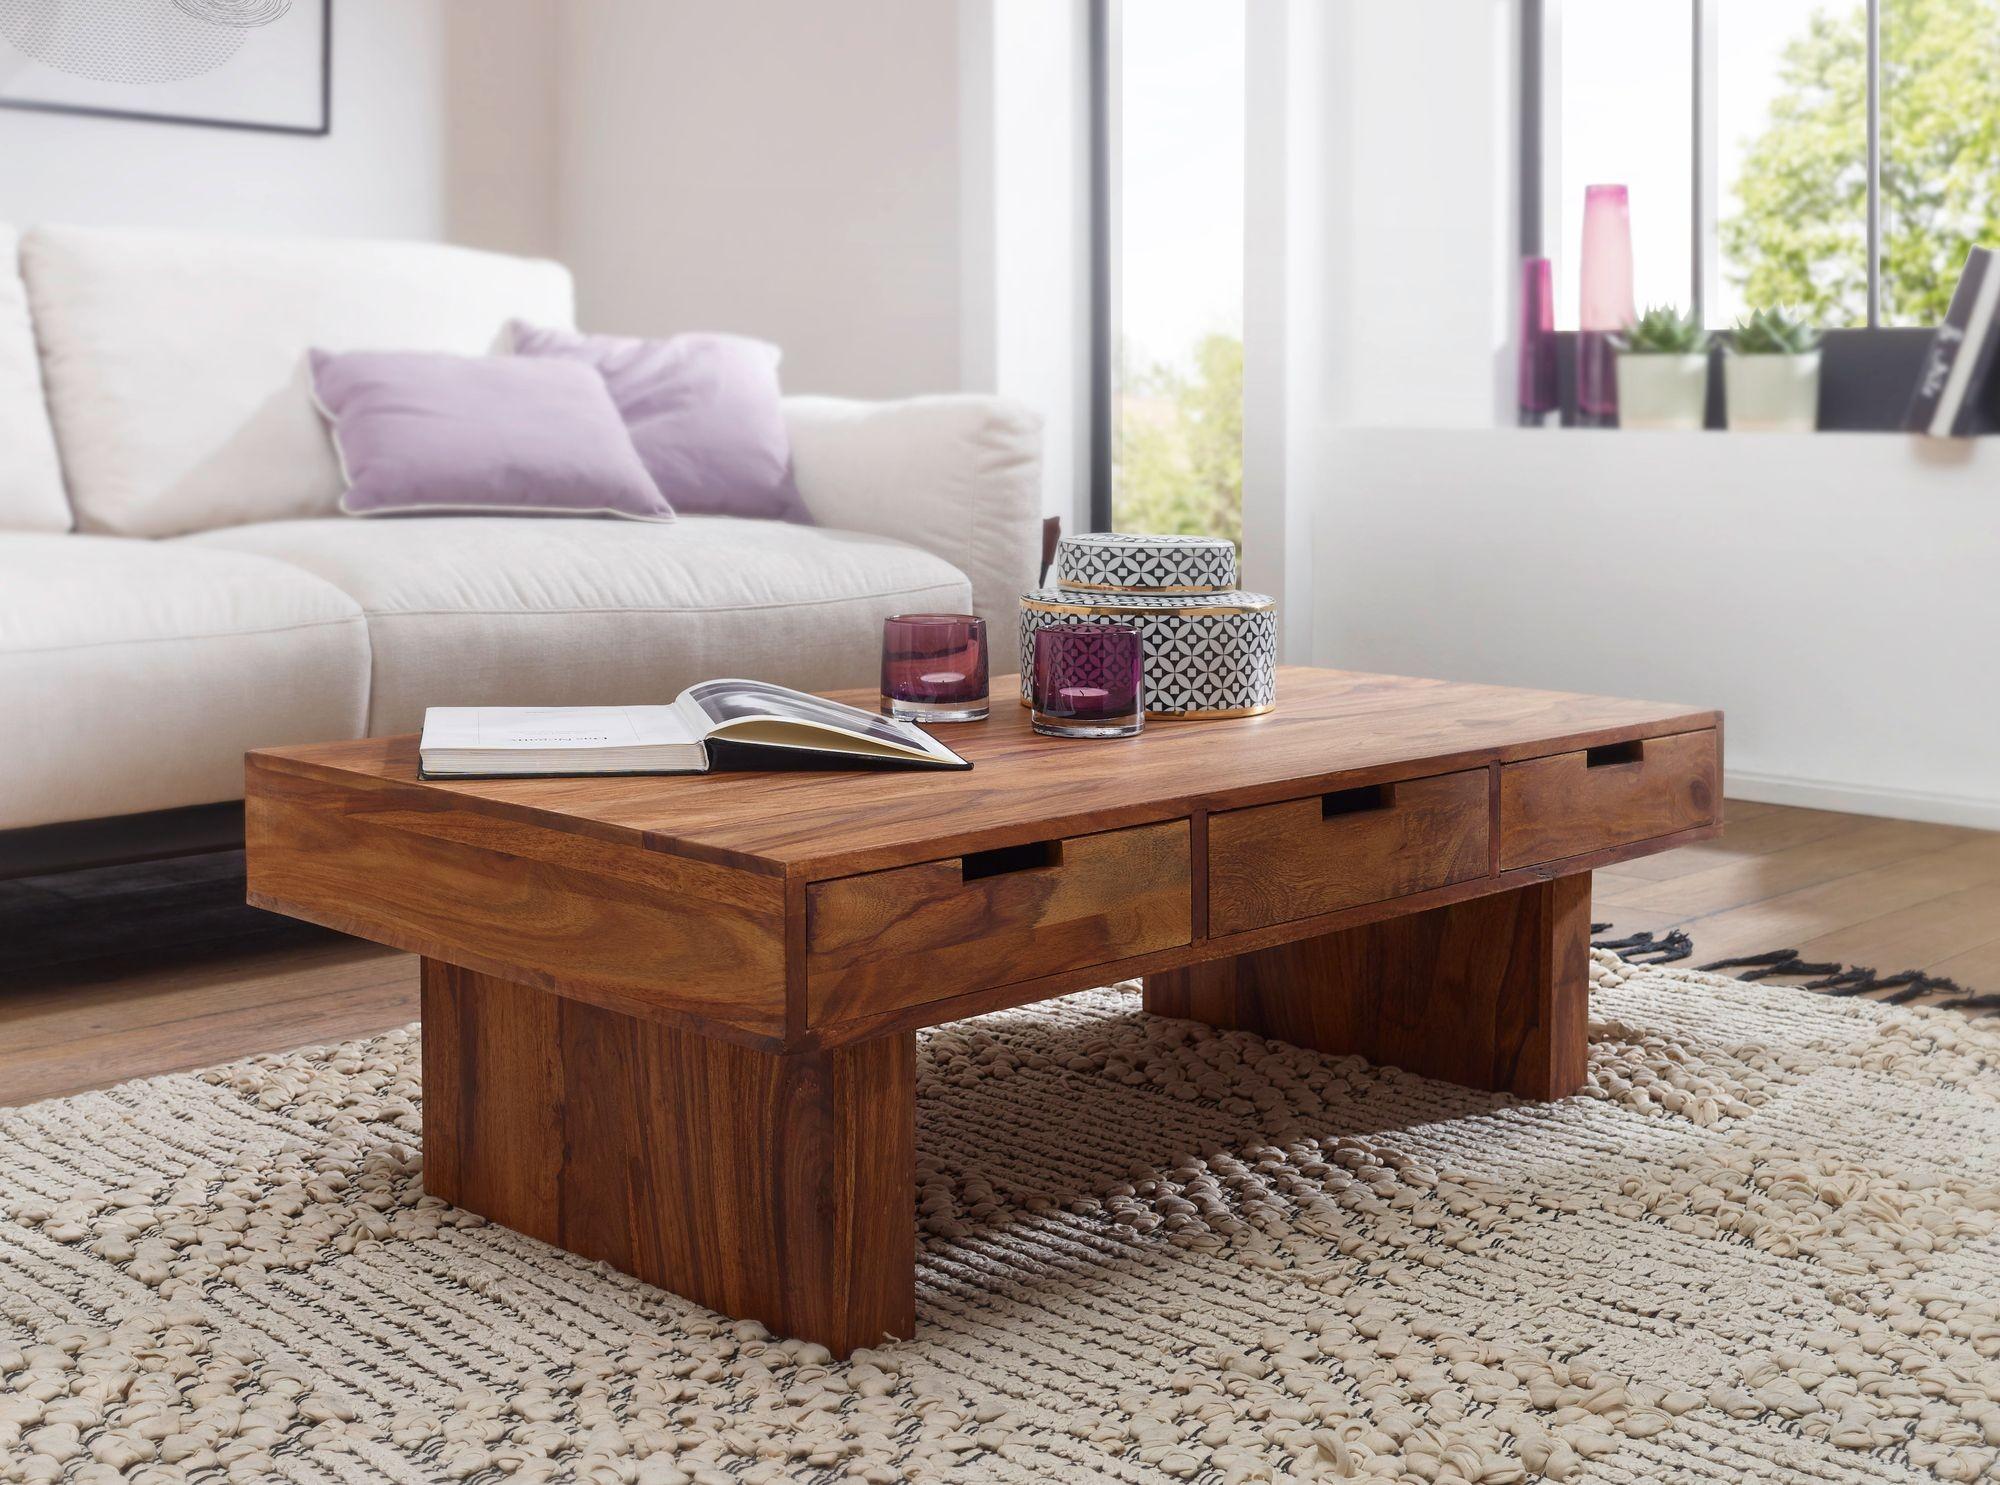 Couchtisch massivholz sheesham design wohnzimmer tisch 110 for Design couchtisch s 360